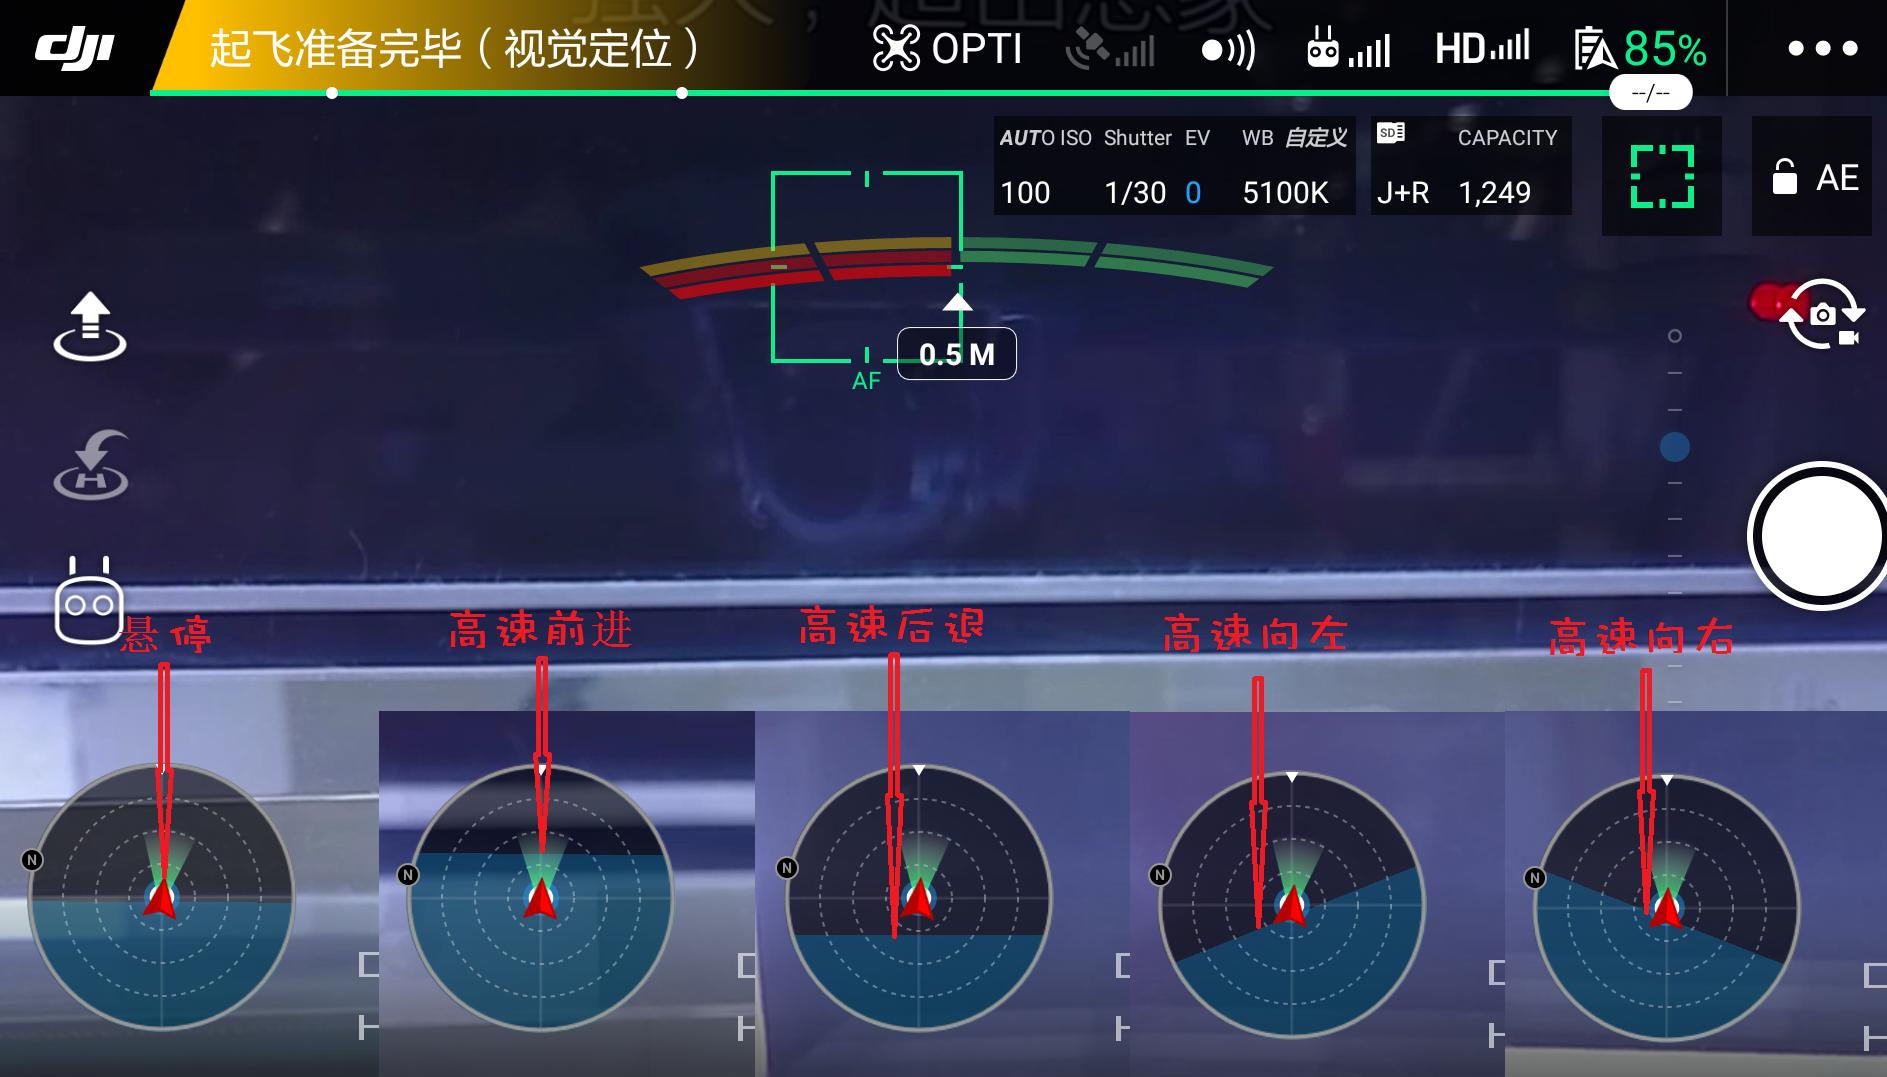 Screenshot_2017-01-22-14-27-59 - 副本.png